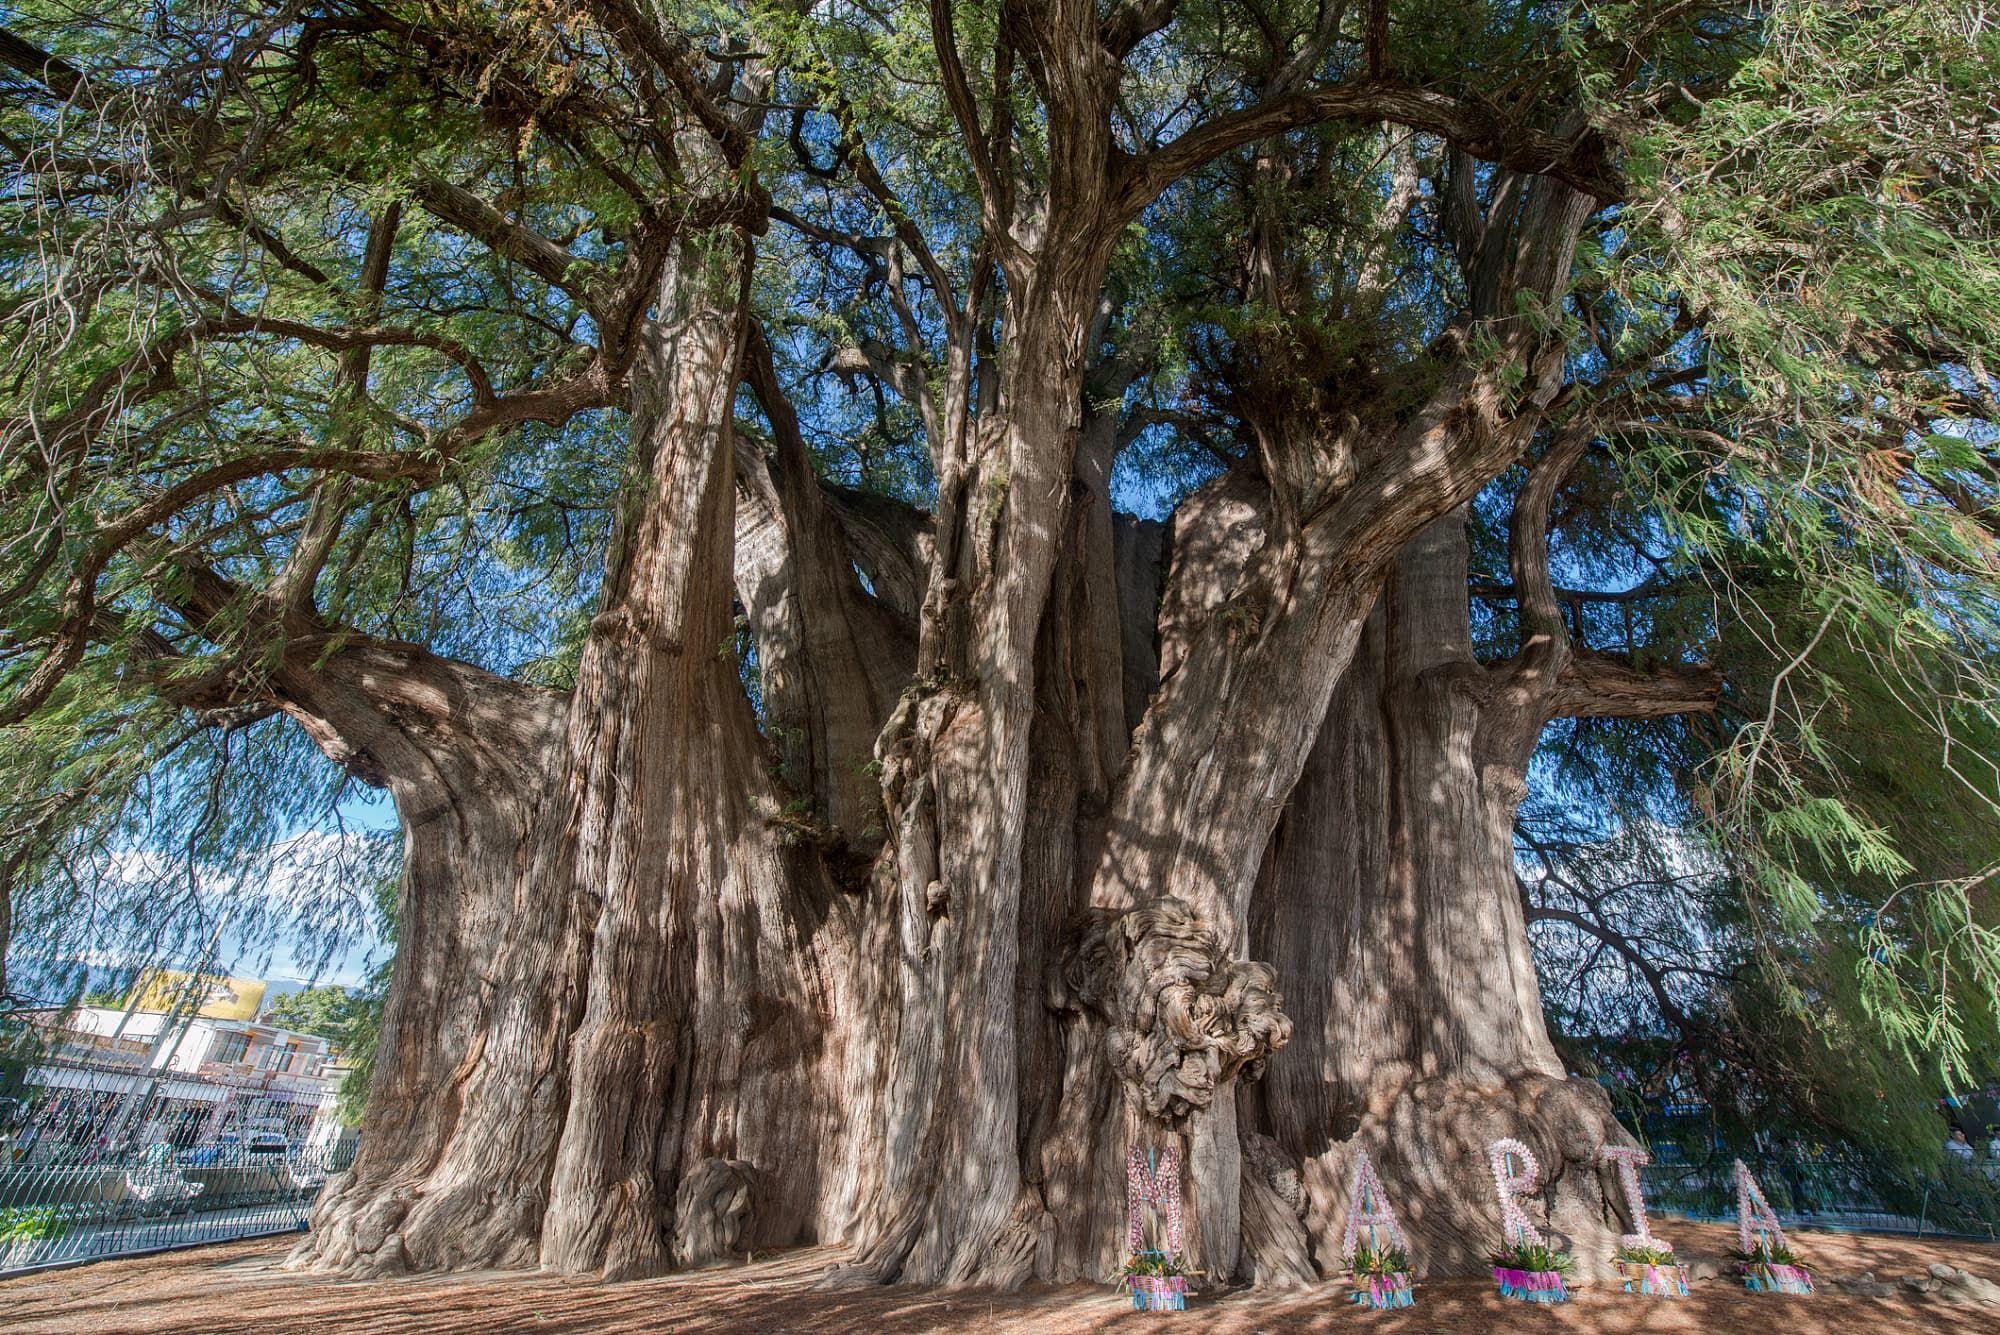 Botanik 10 Eindrucksvolle Baume Aus Aller Welt Baum Riesenmammutbaum Pflanzenreich